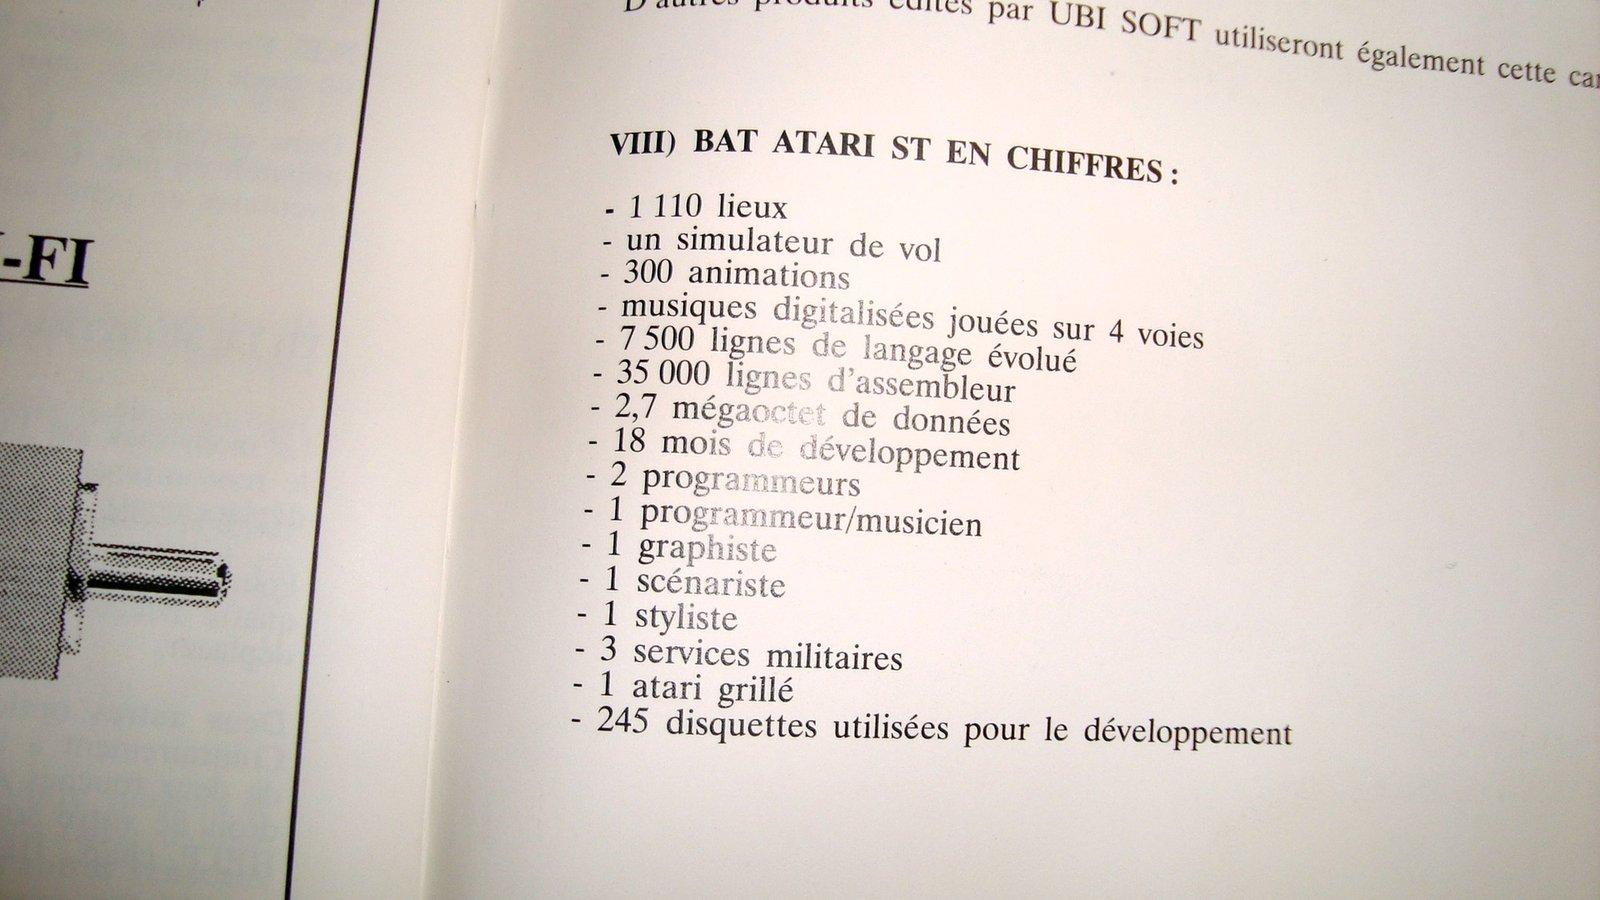 [TEST] B.A.T. - Atari ST 201215090749994833